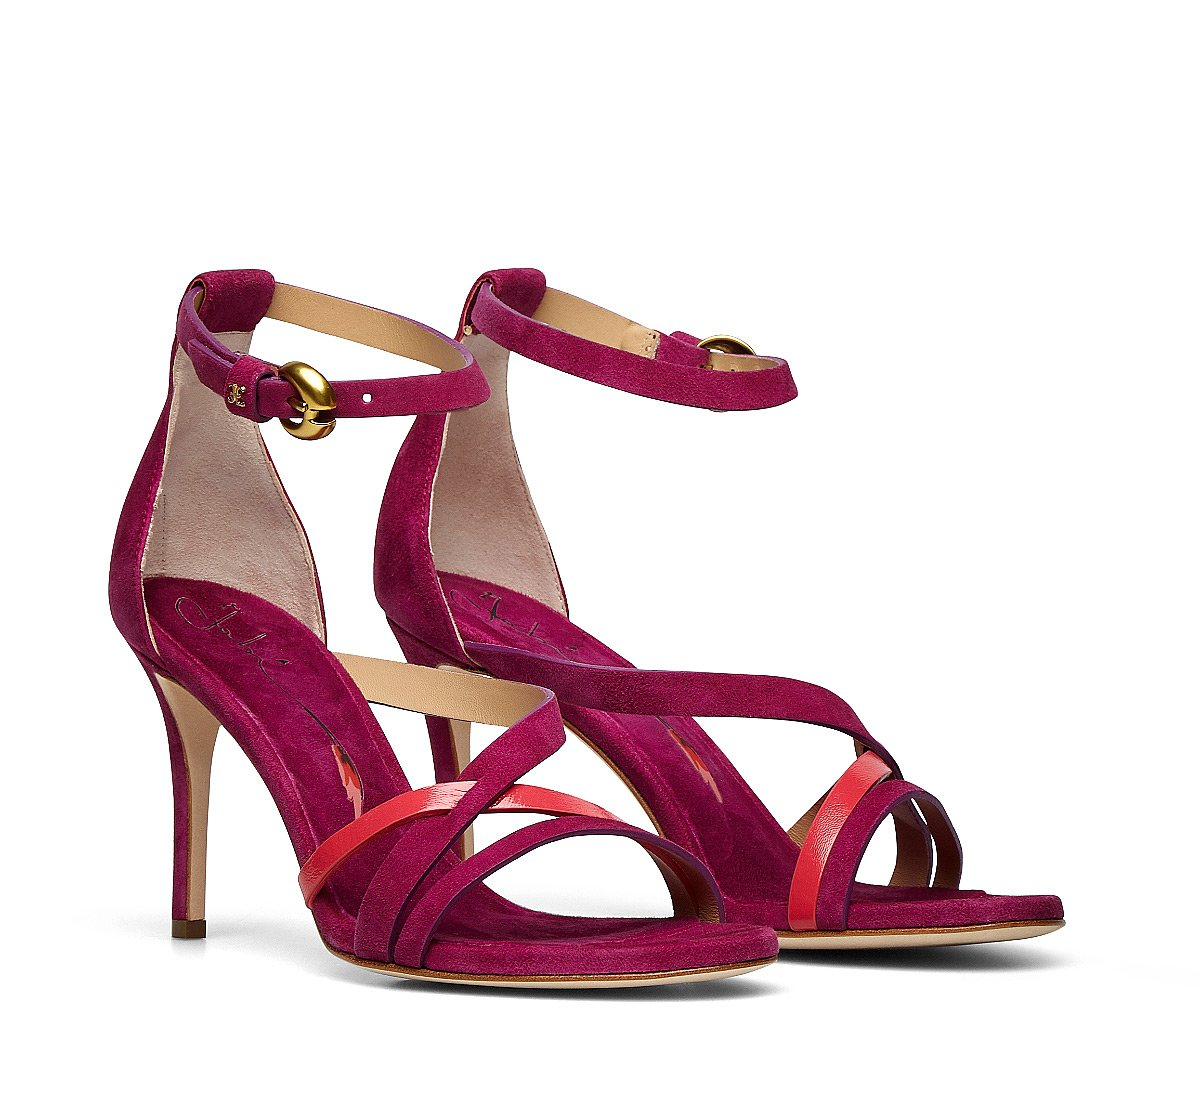 Sandalo in suede e pelle lucida